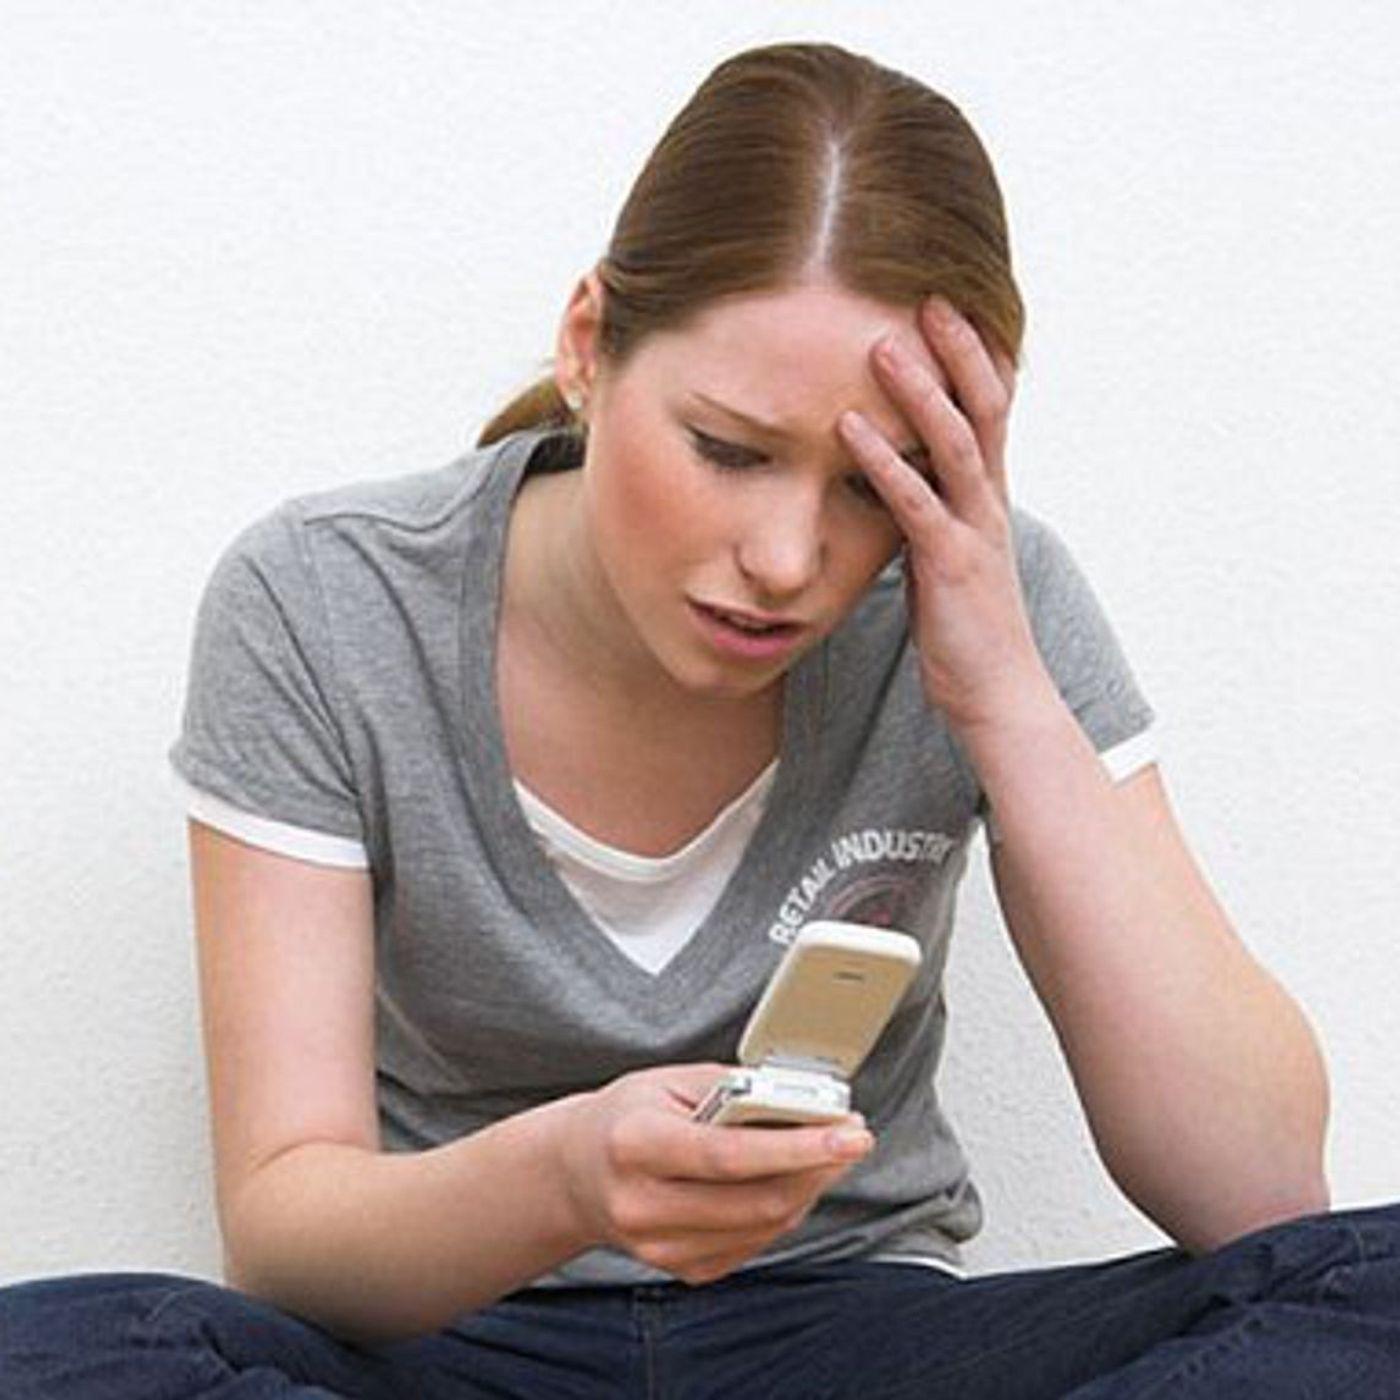 #78 Che cos'è il self-cyberbullying?